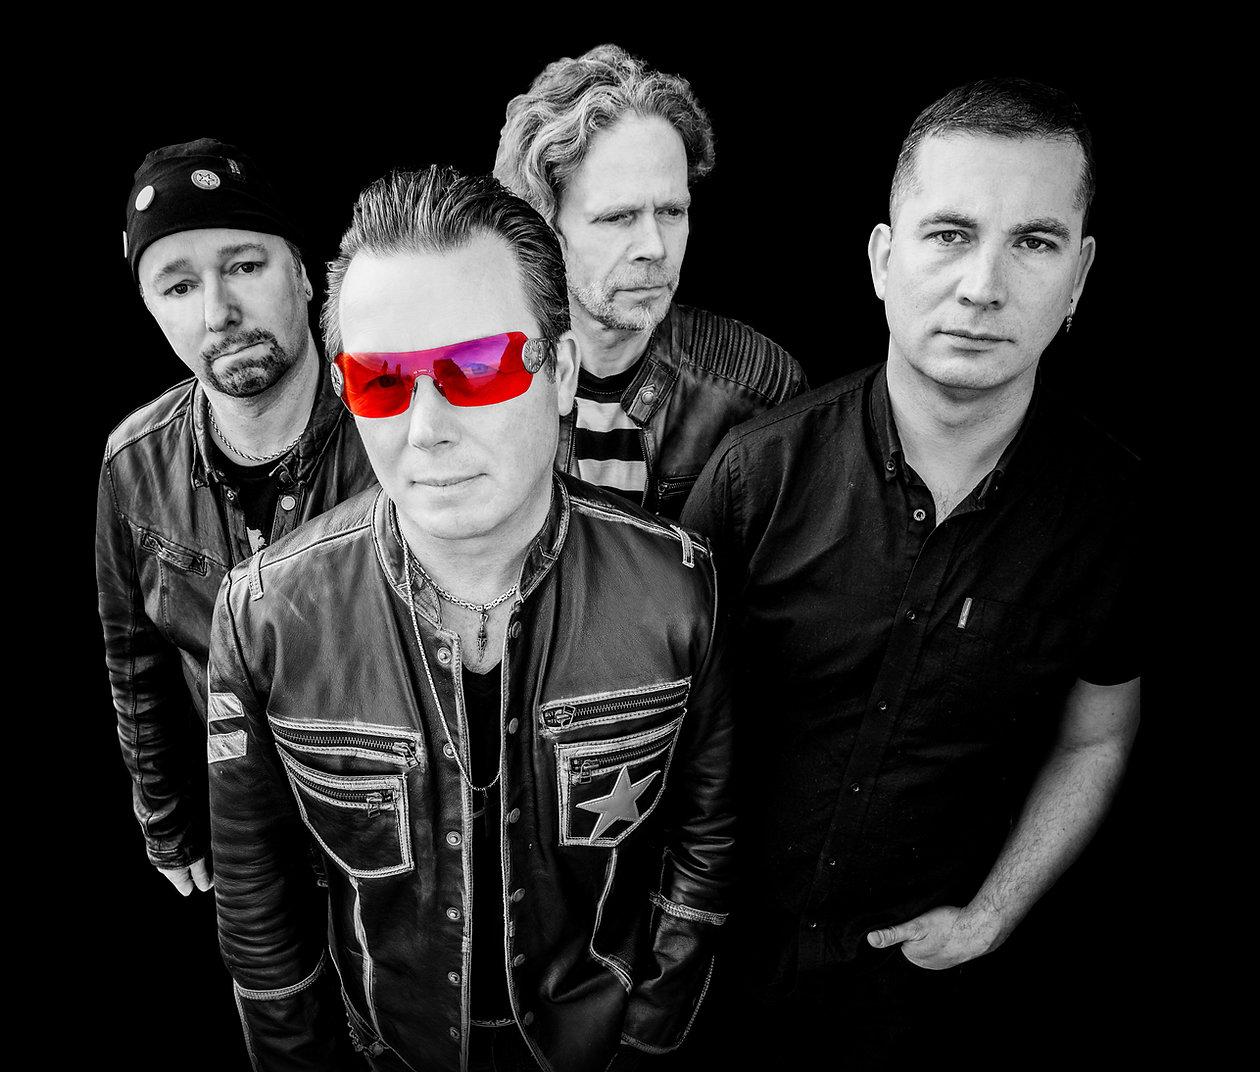 U2 Tribe Red Glasses Background 1.jpg